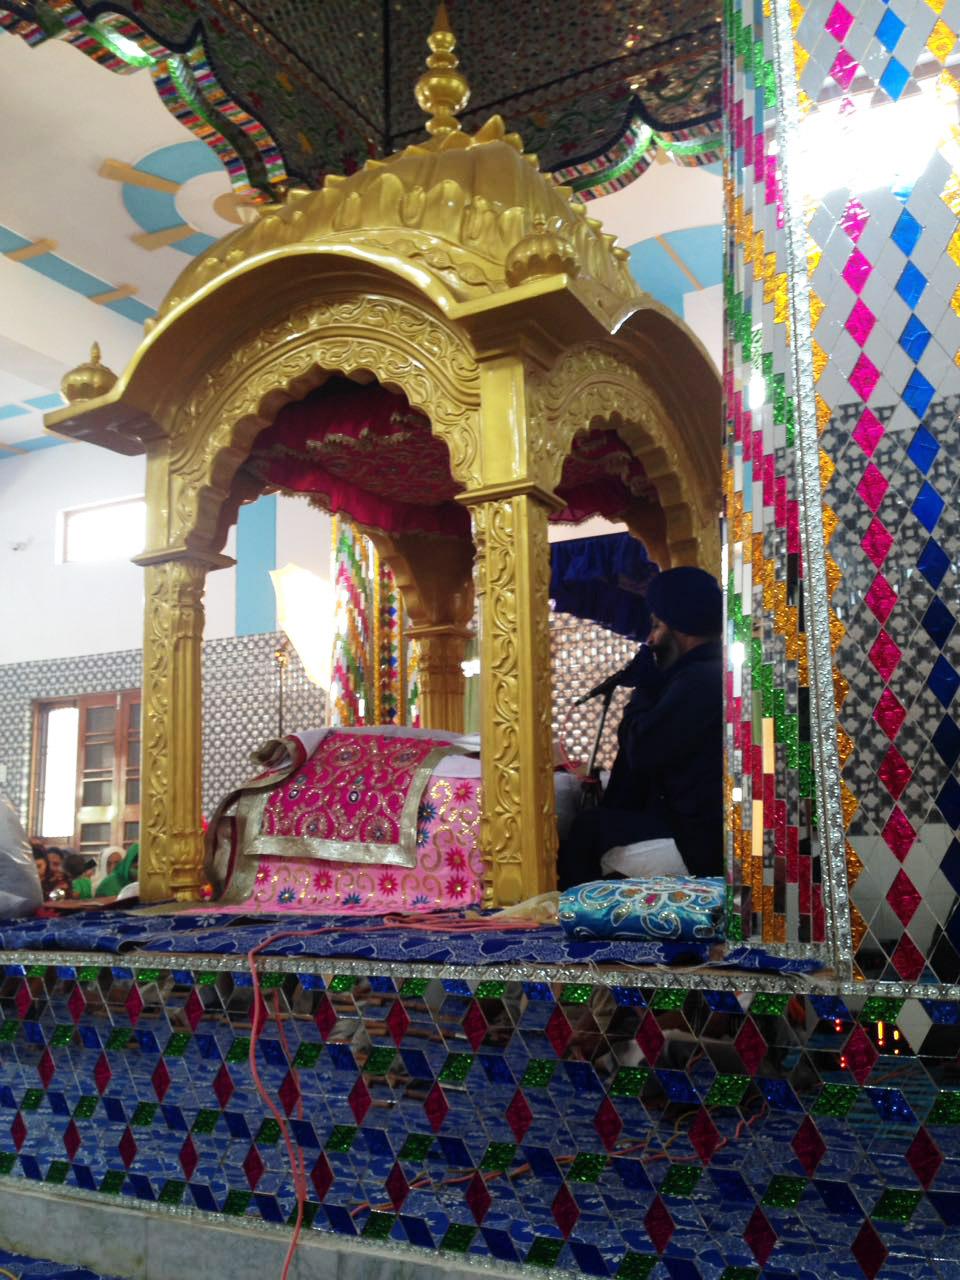 Palki Sahib in Hoshiarpur